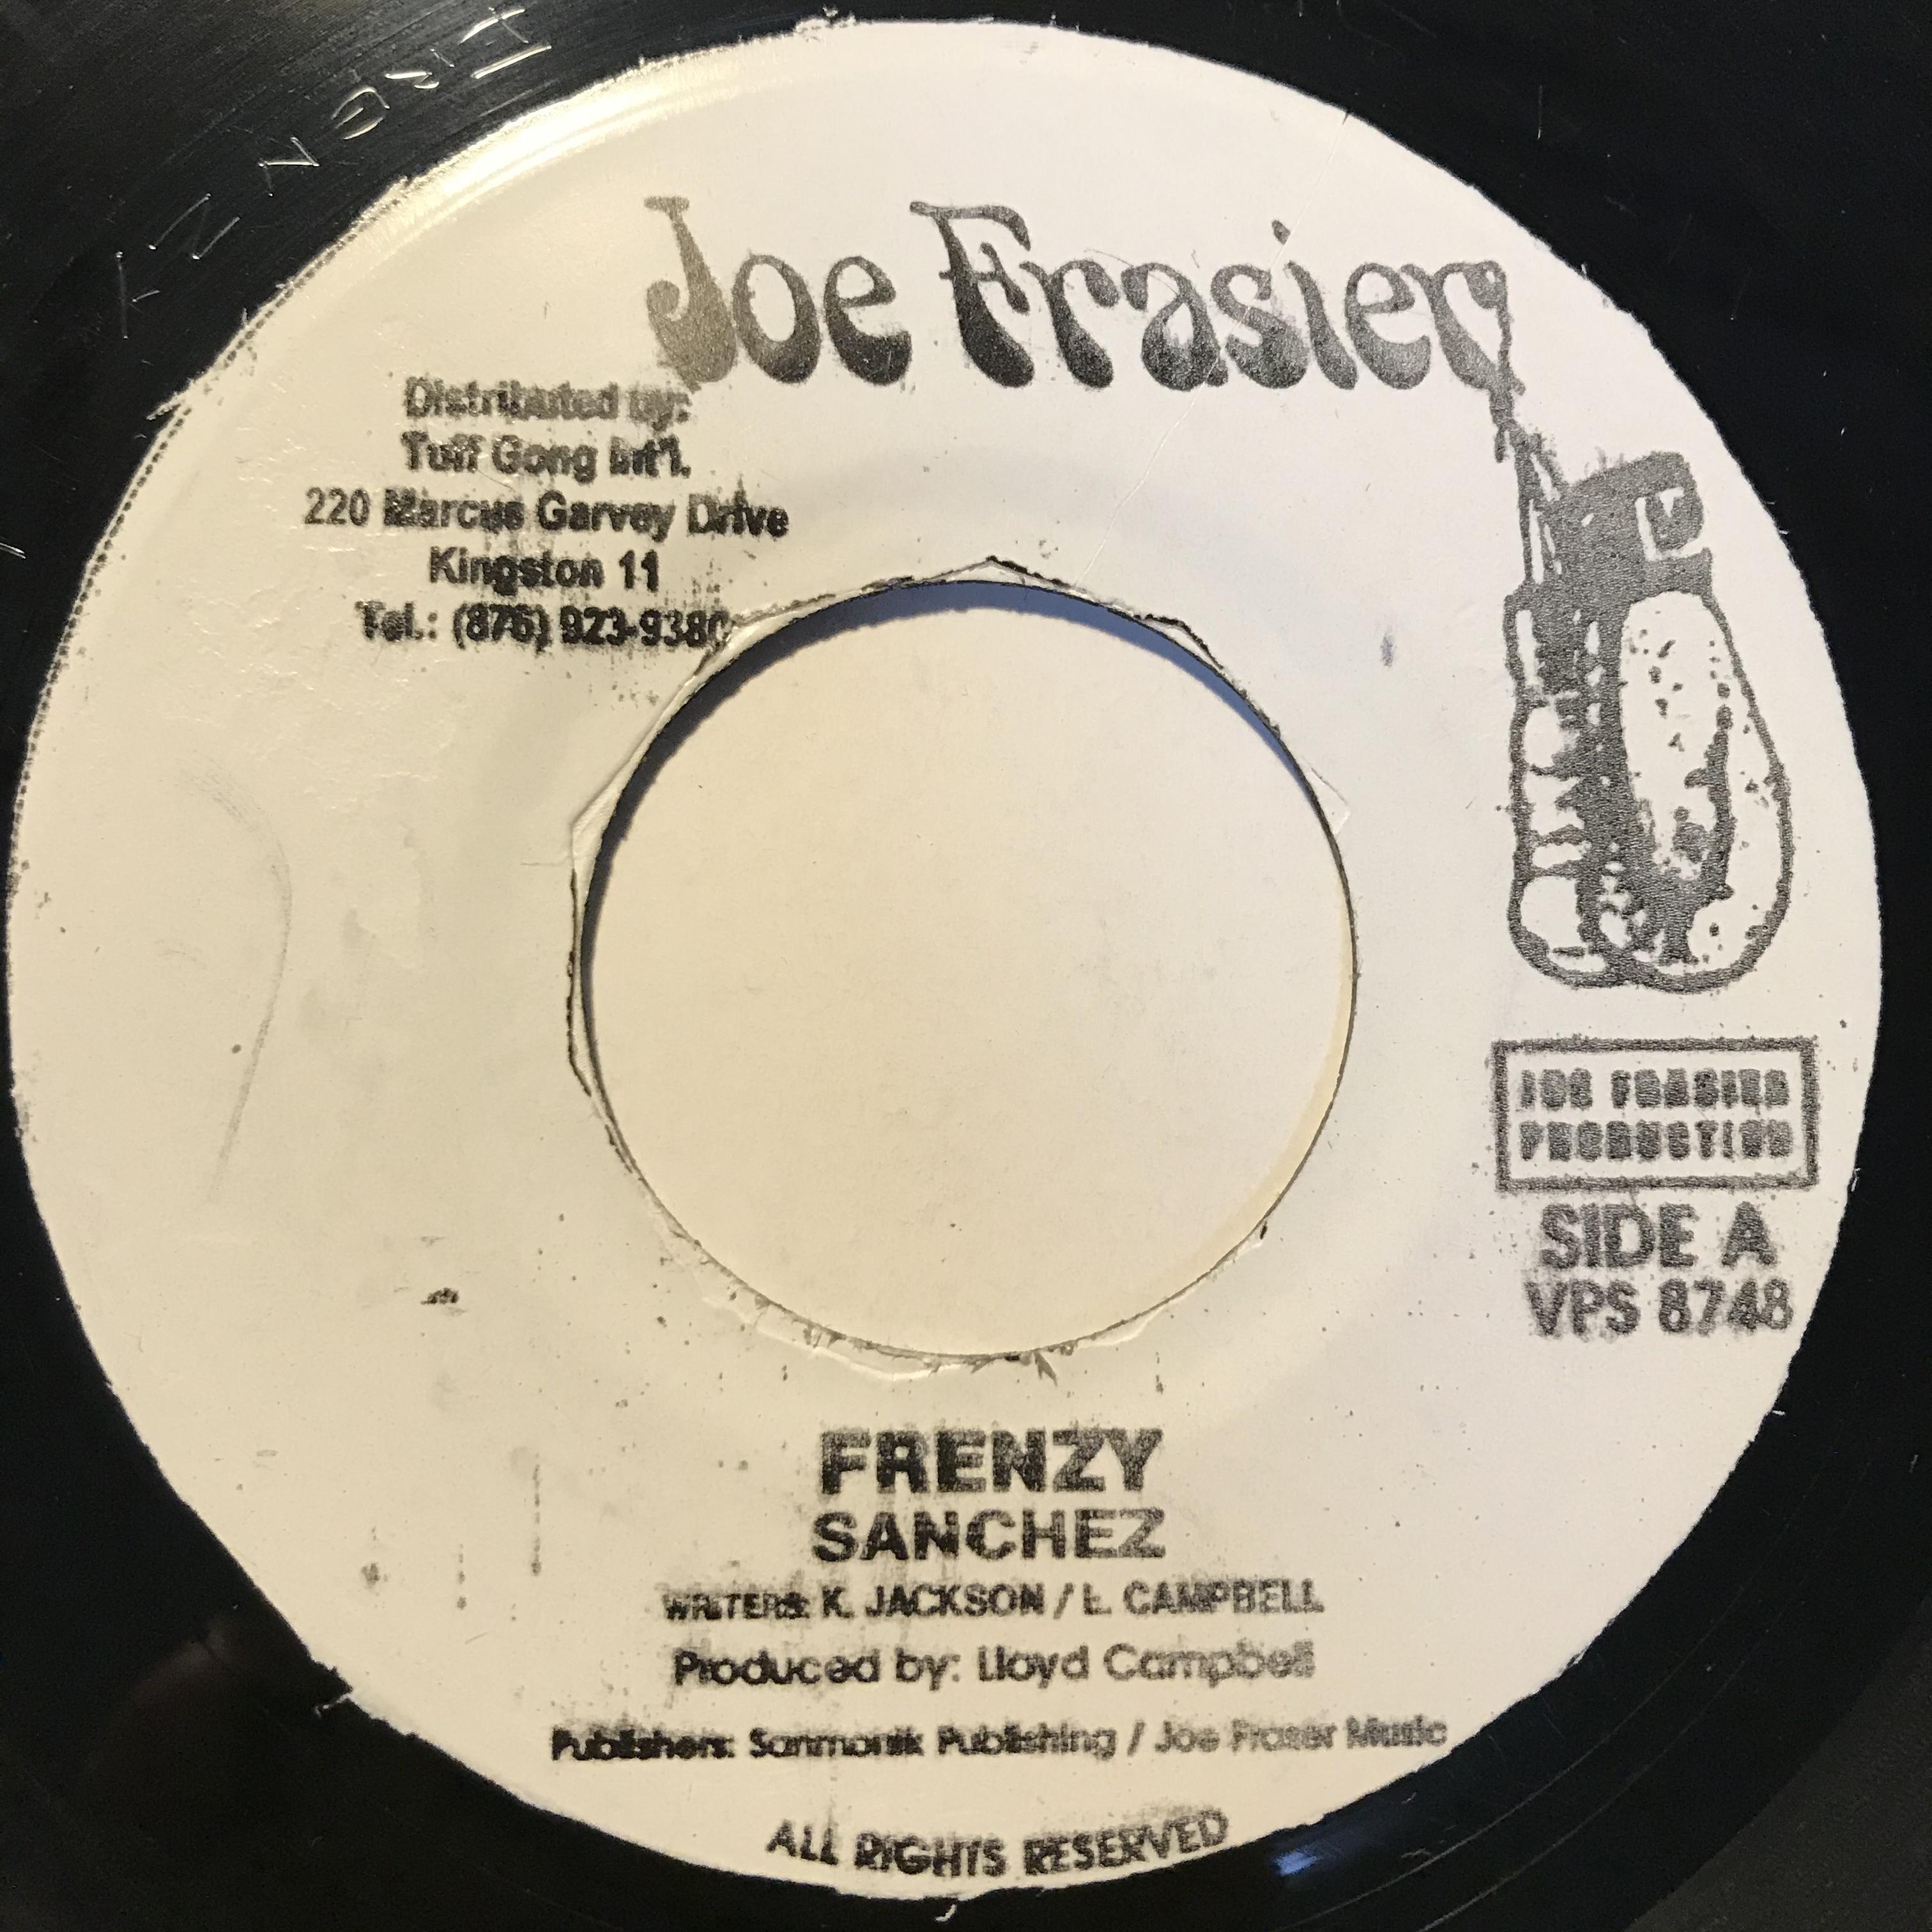 Sanchez - Frenzy【7-10844】